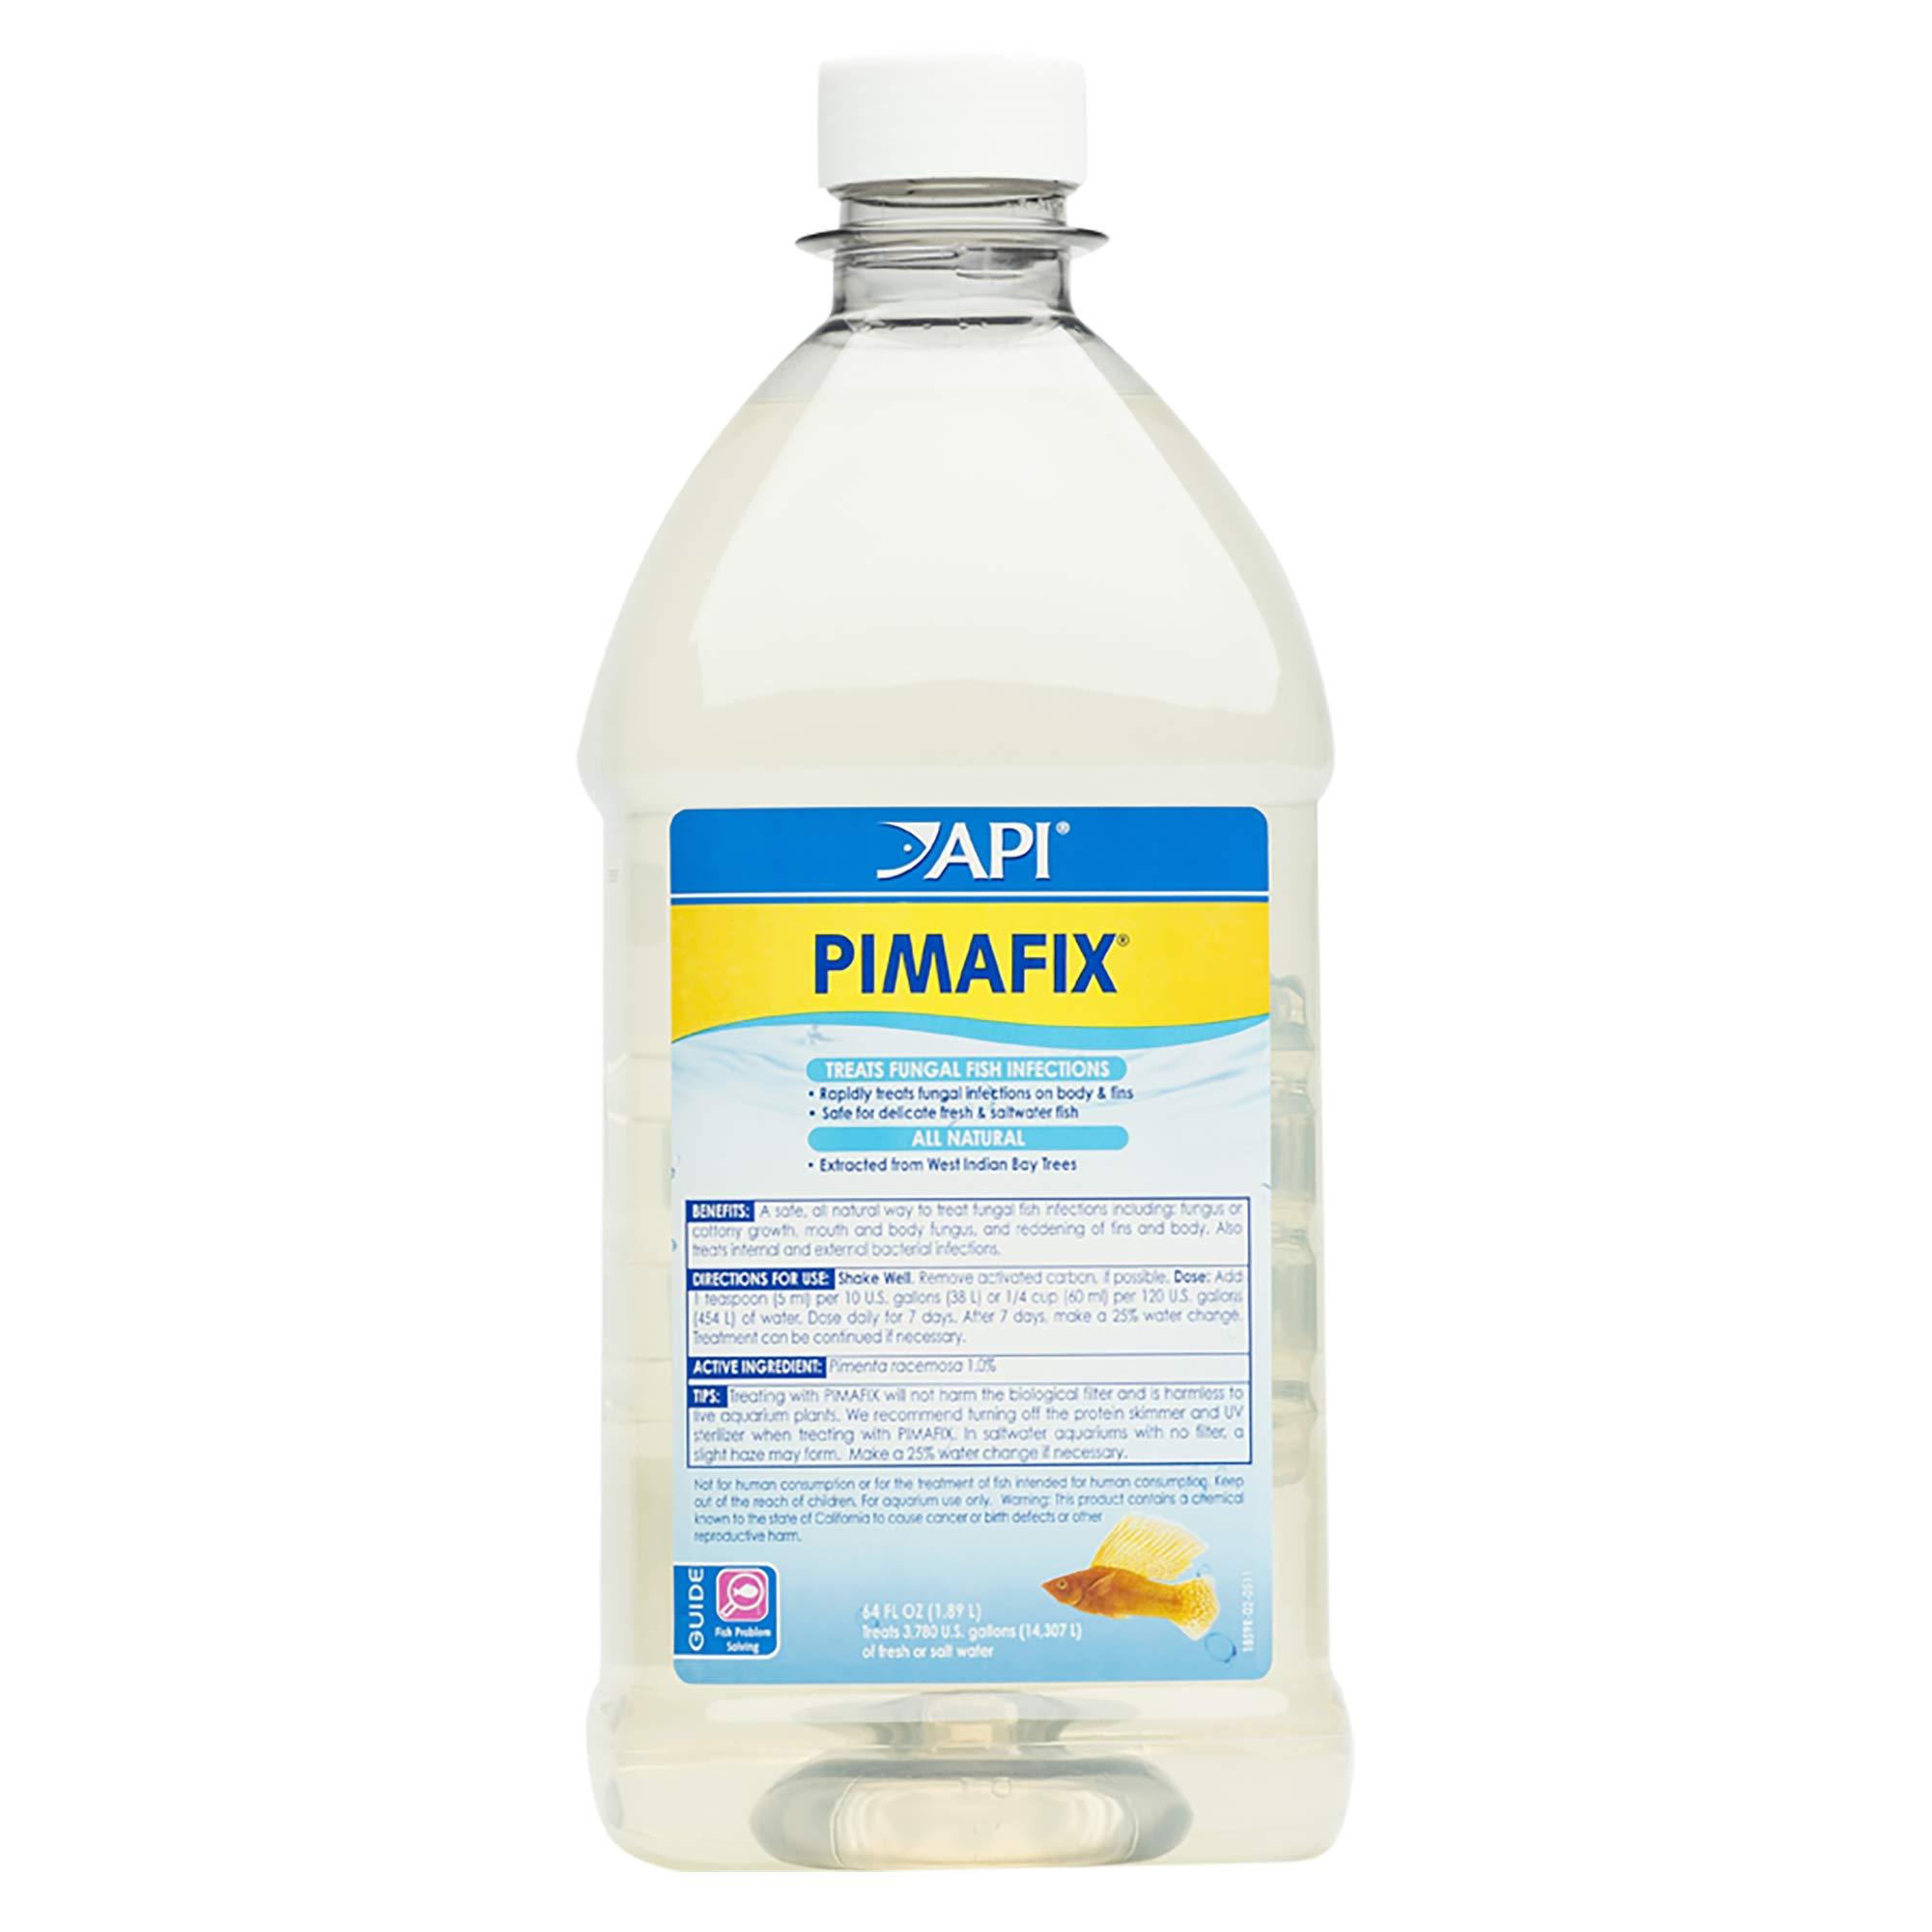 API Pimafix Antifungal Freshwater & Saltwater Fish Remedy 64 oz Bottle by API